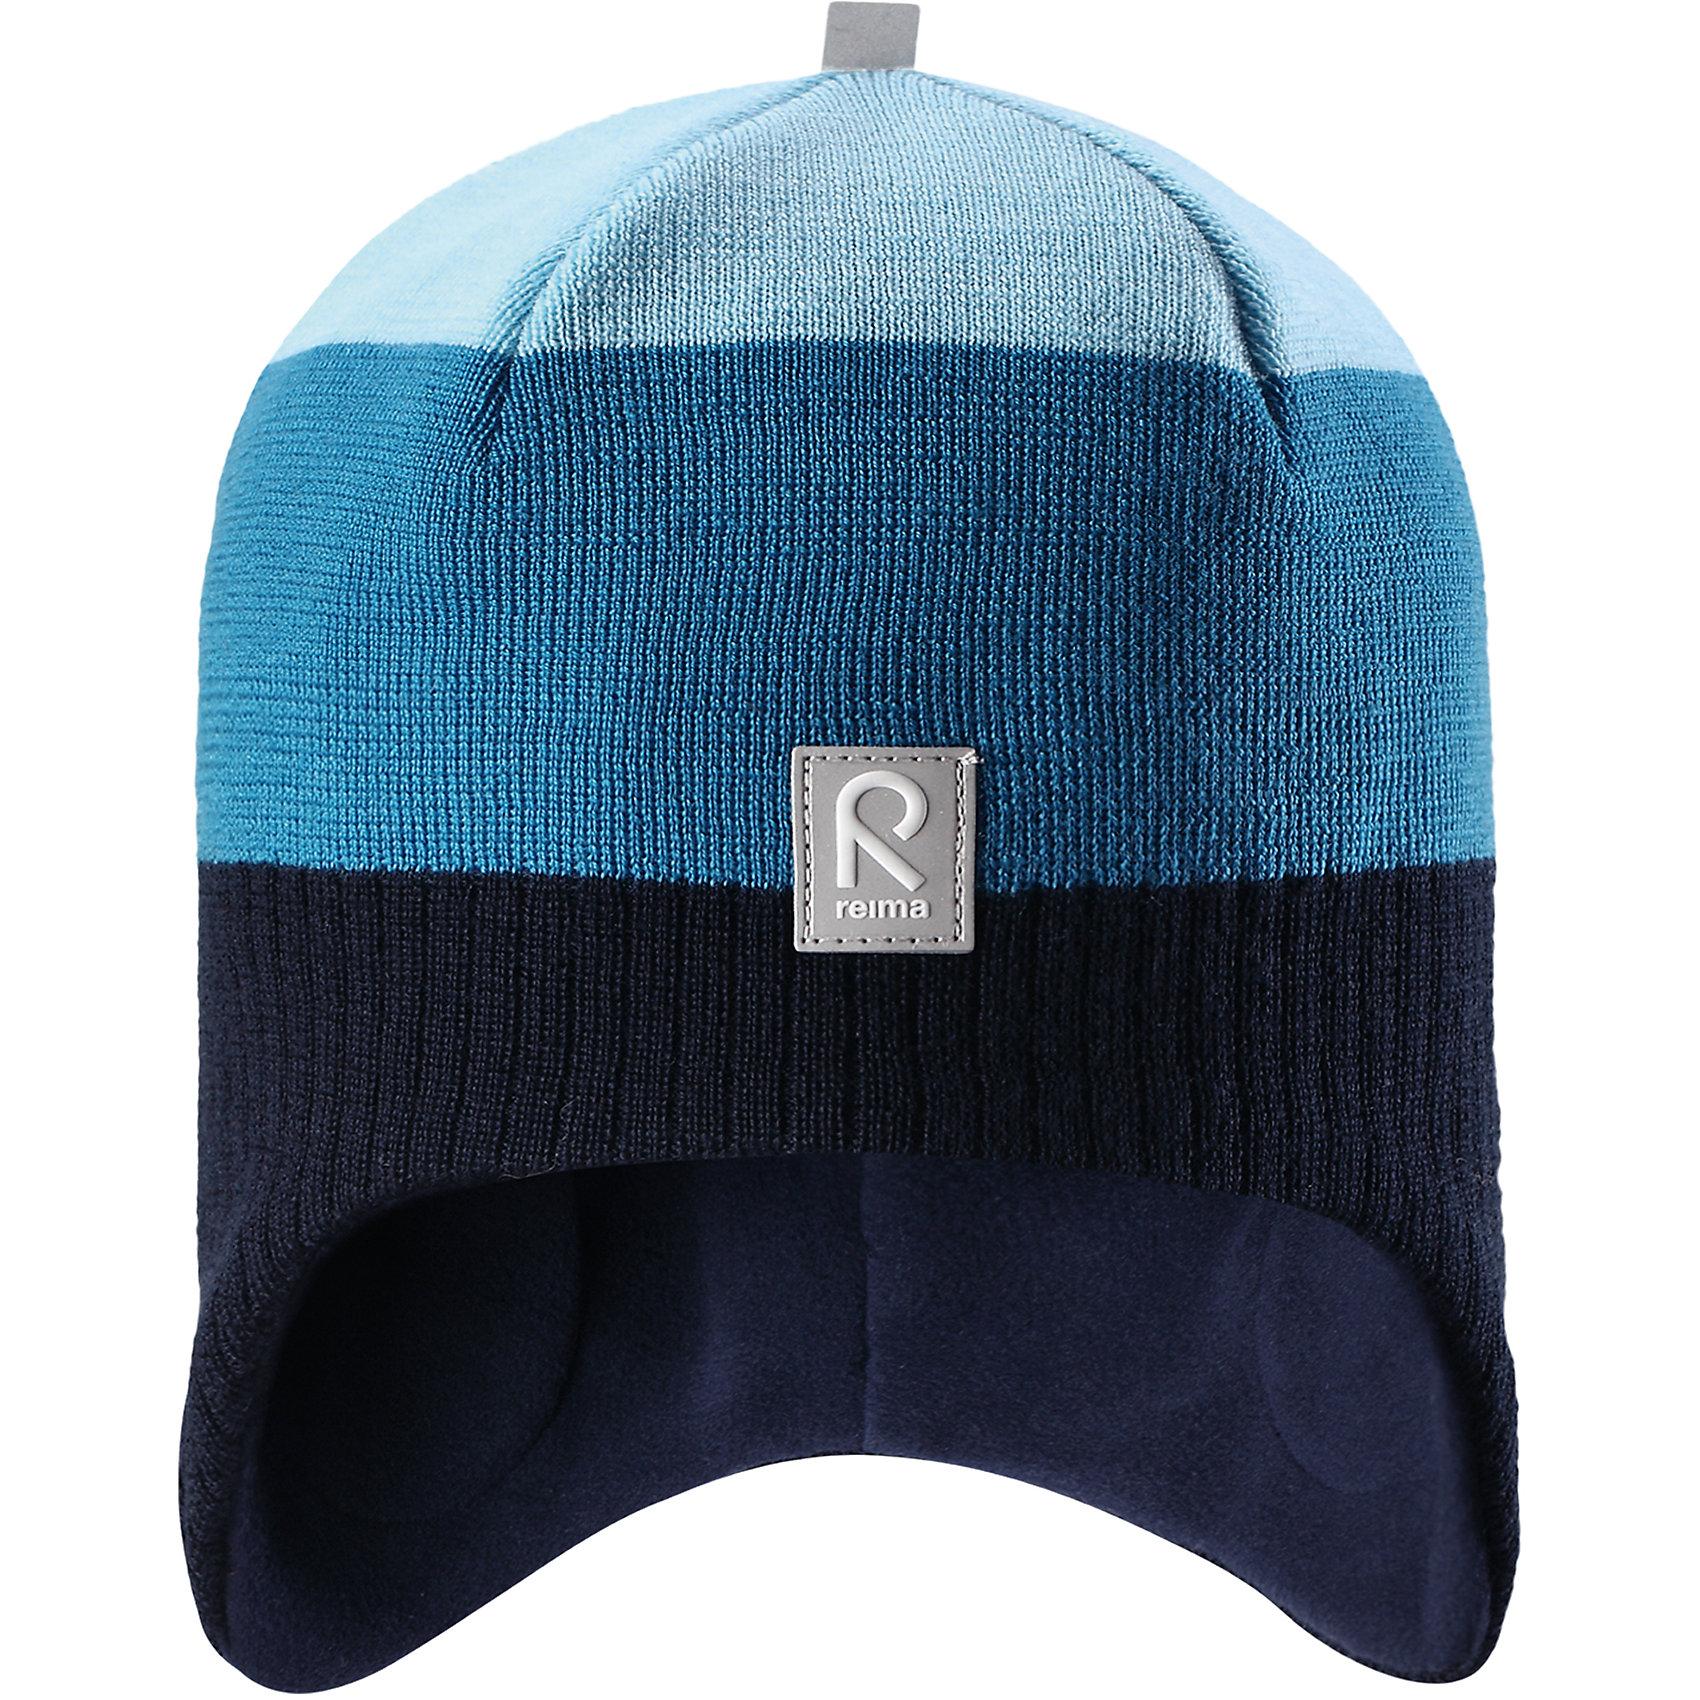 Шапка Reima LumulaГоловные уборы<br>Характеристики товара:<br><br>• цвет: синий;<br>• состав: 100% шерсть;<br>• подкладка: 100% полиэстер, флис;<br>• без дополнительного утепления;<br>• сезон: зима;<br>• температурный режим: от 0 до -20С;<br>• мягкая ткань из мериносовой шерсти для поддержания идеальной температуры тела;<br>• ветронепроницаемые вставки в области ушей;<br>• сплошная подкладка: мягкий теплый флис;<br>• логотип Reima® спереди;<br>• страна бренда: Финляндия;<br>• страна изготовитель: Китай.<br><br>Детская шерстяная шапка хорошо защищает уши. Эта удобная модель хорошо закрывает уши ребенка и защищает лоб даже без завязок. Стильная шапка из 100% шерсти подшита удобной теплой флисовой подкладкой из полиэстера. Материал быстро сохнет и обладает влагоотводящими свойствами. Ветронепроницаемые вставки между верхним слоем и подкладкой обеспечивают ушкам дополнительную защиту от ветра.<br><br>Шапку Lumula Reima от финского бренда Reima (Рейма) можно купить в нашем интернет-магазине.<br><br>Ширина мм: 89<br>Глубина мм: 117<br>Высота мм: 44<br>Вес г: 155<br>Цвет: синий<br>Возраст от месяцев: 84<br>Возраст до месяцев: 144<br>Пол: Унисекс<br>Возраст: Детский<br>Размер: 56,50,52,54<br>SKU: 6902578